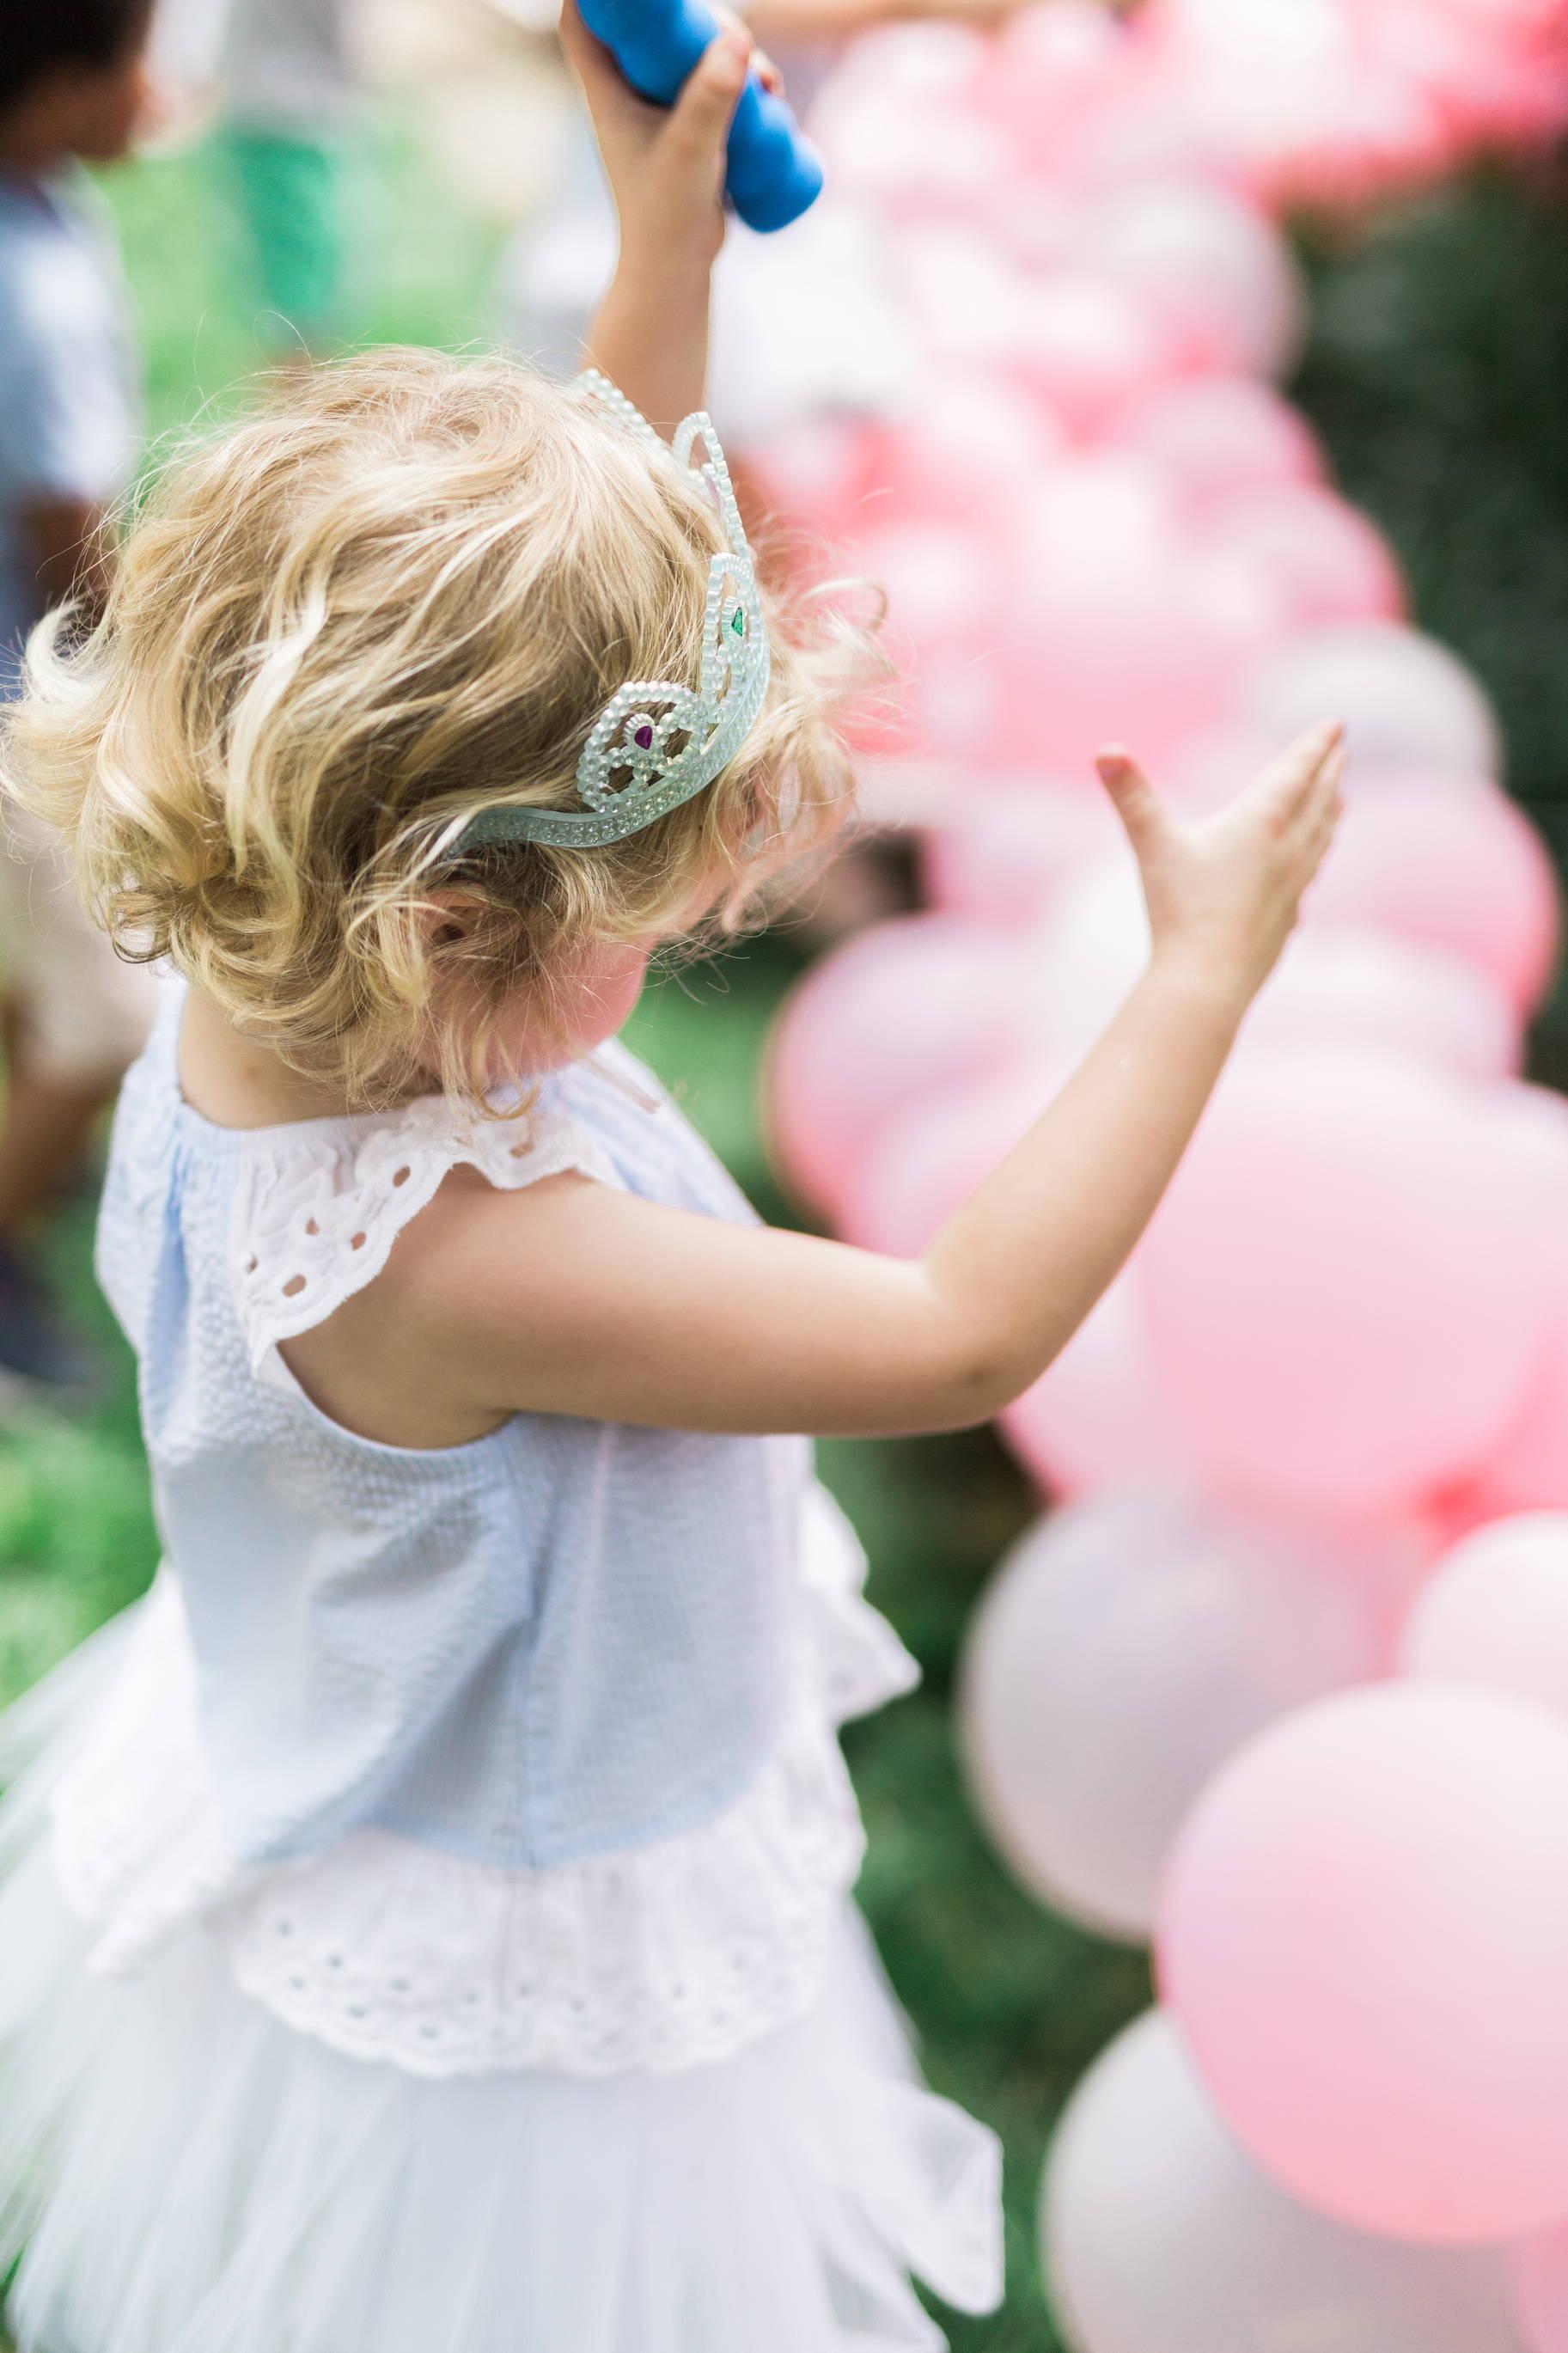 Princess Belle Princess Party